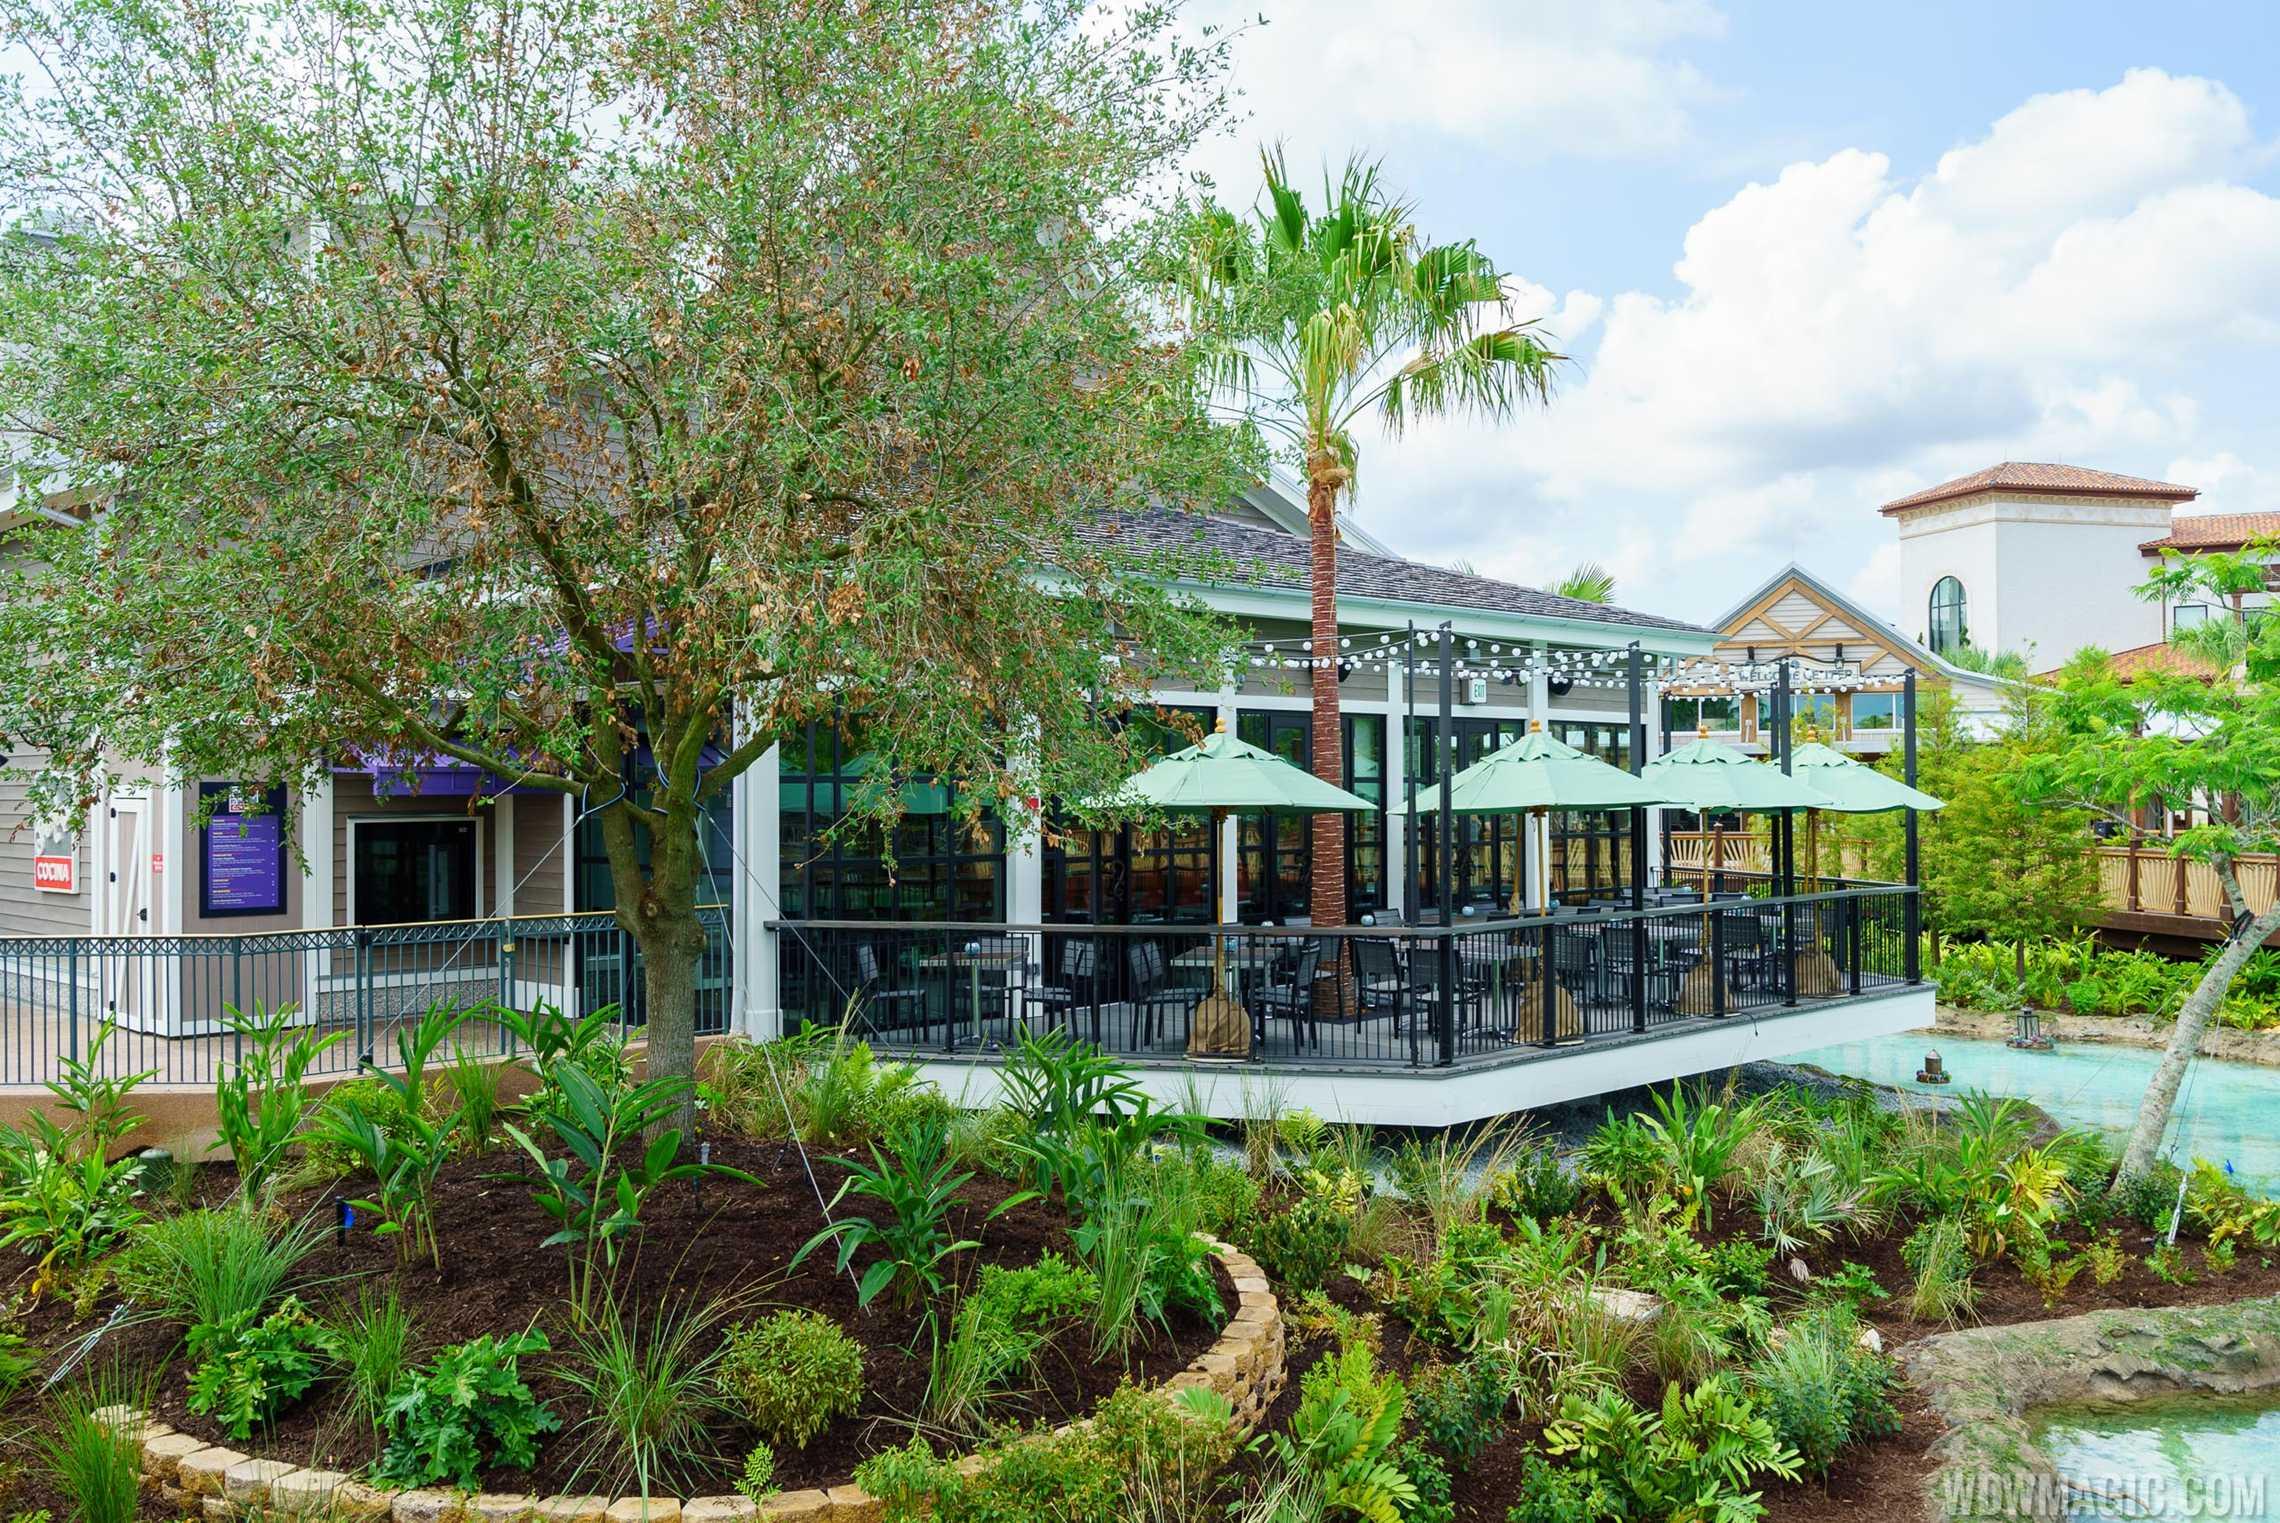 Frontera Cocina - Outdoor patio and quick service window